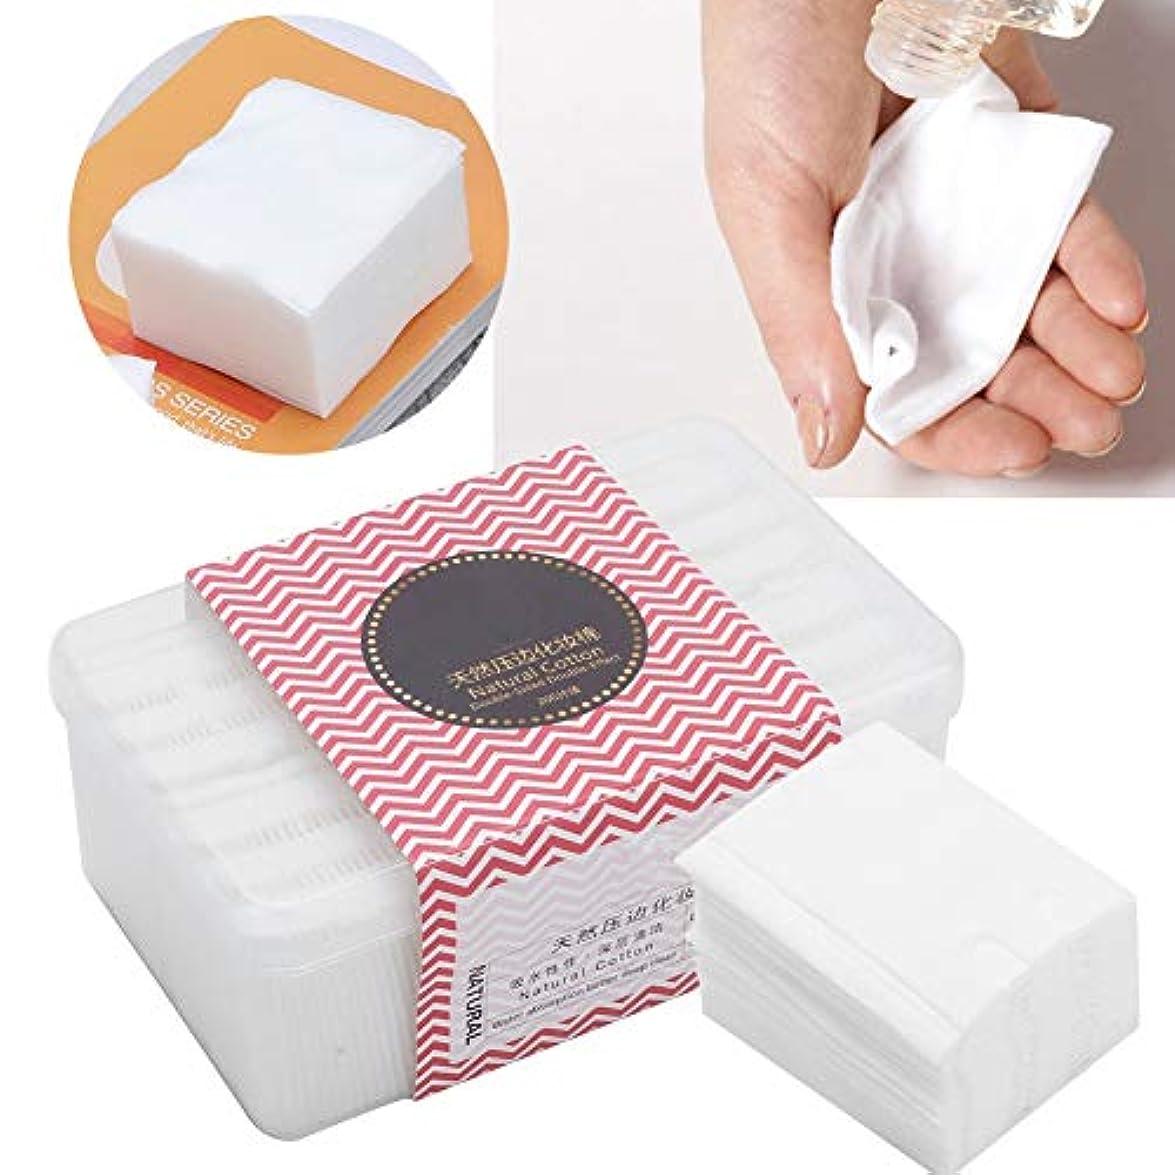 ビルマアクティビティビルマ使い捨て化粧パッド メイク 200枚セット 化粧品リムーバークリーニングワイプ